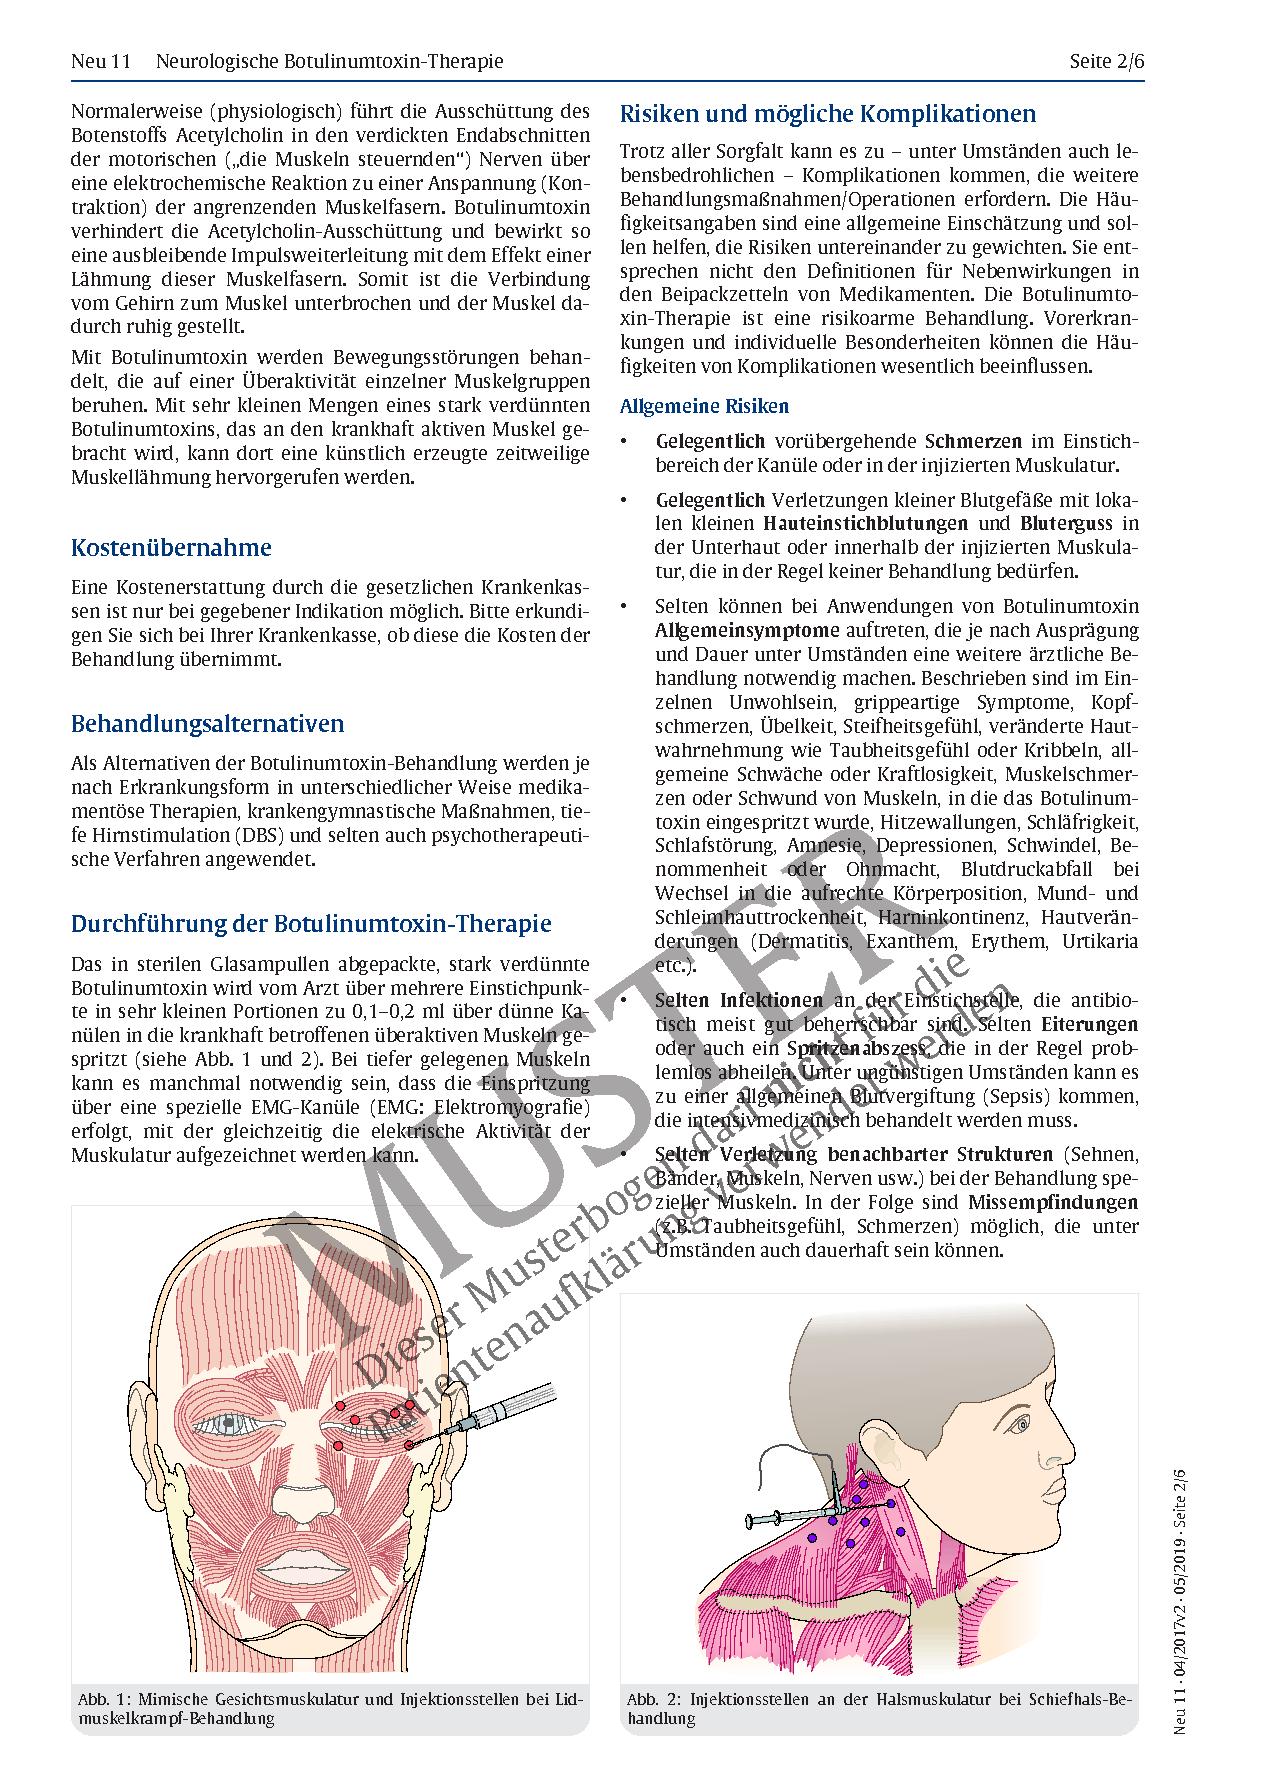 Ausgezeichnet Menschliche Anatomie Halsmuskeln Galerie - Anatomie ...